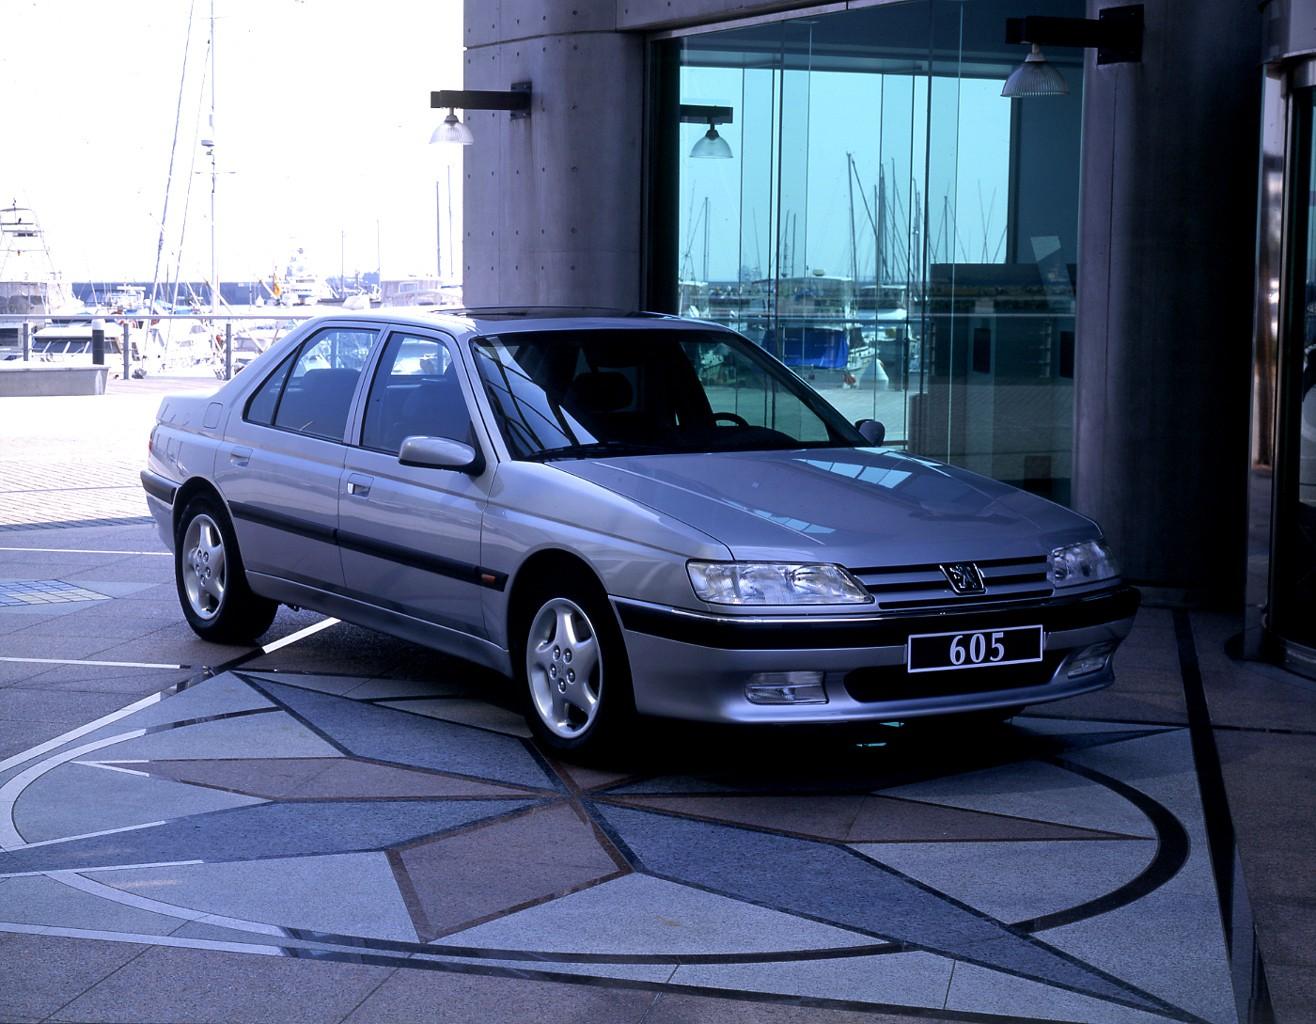 Peugeot 605 1994 1995 1996 1997 1998 1999